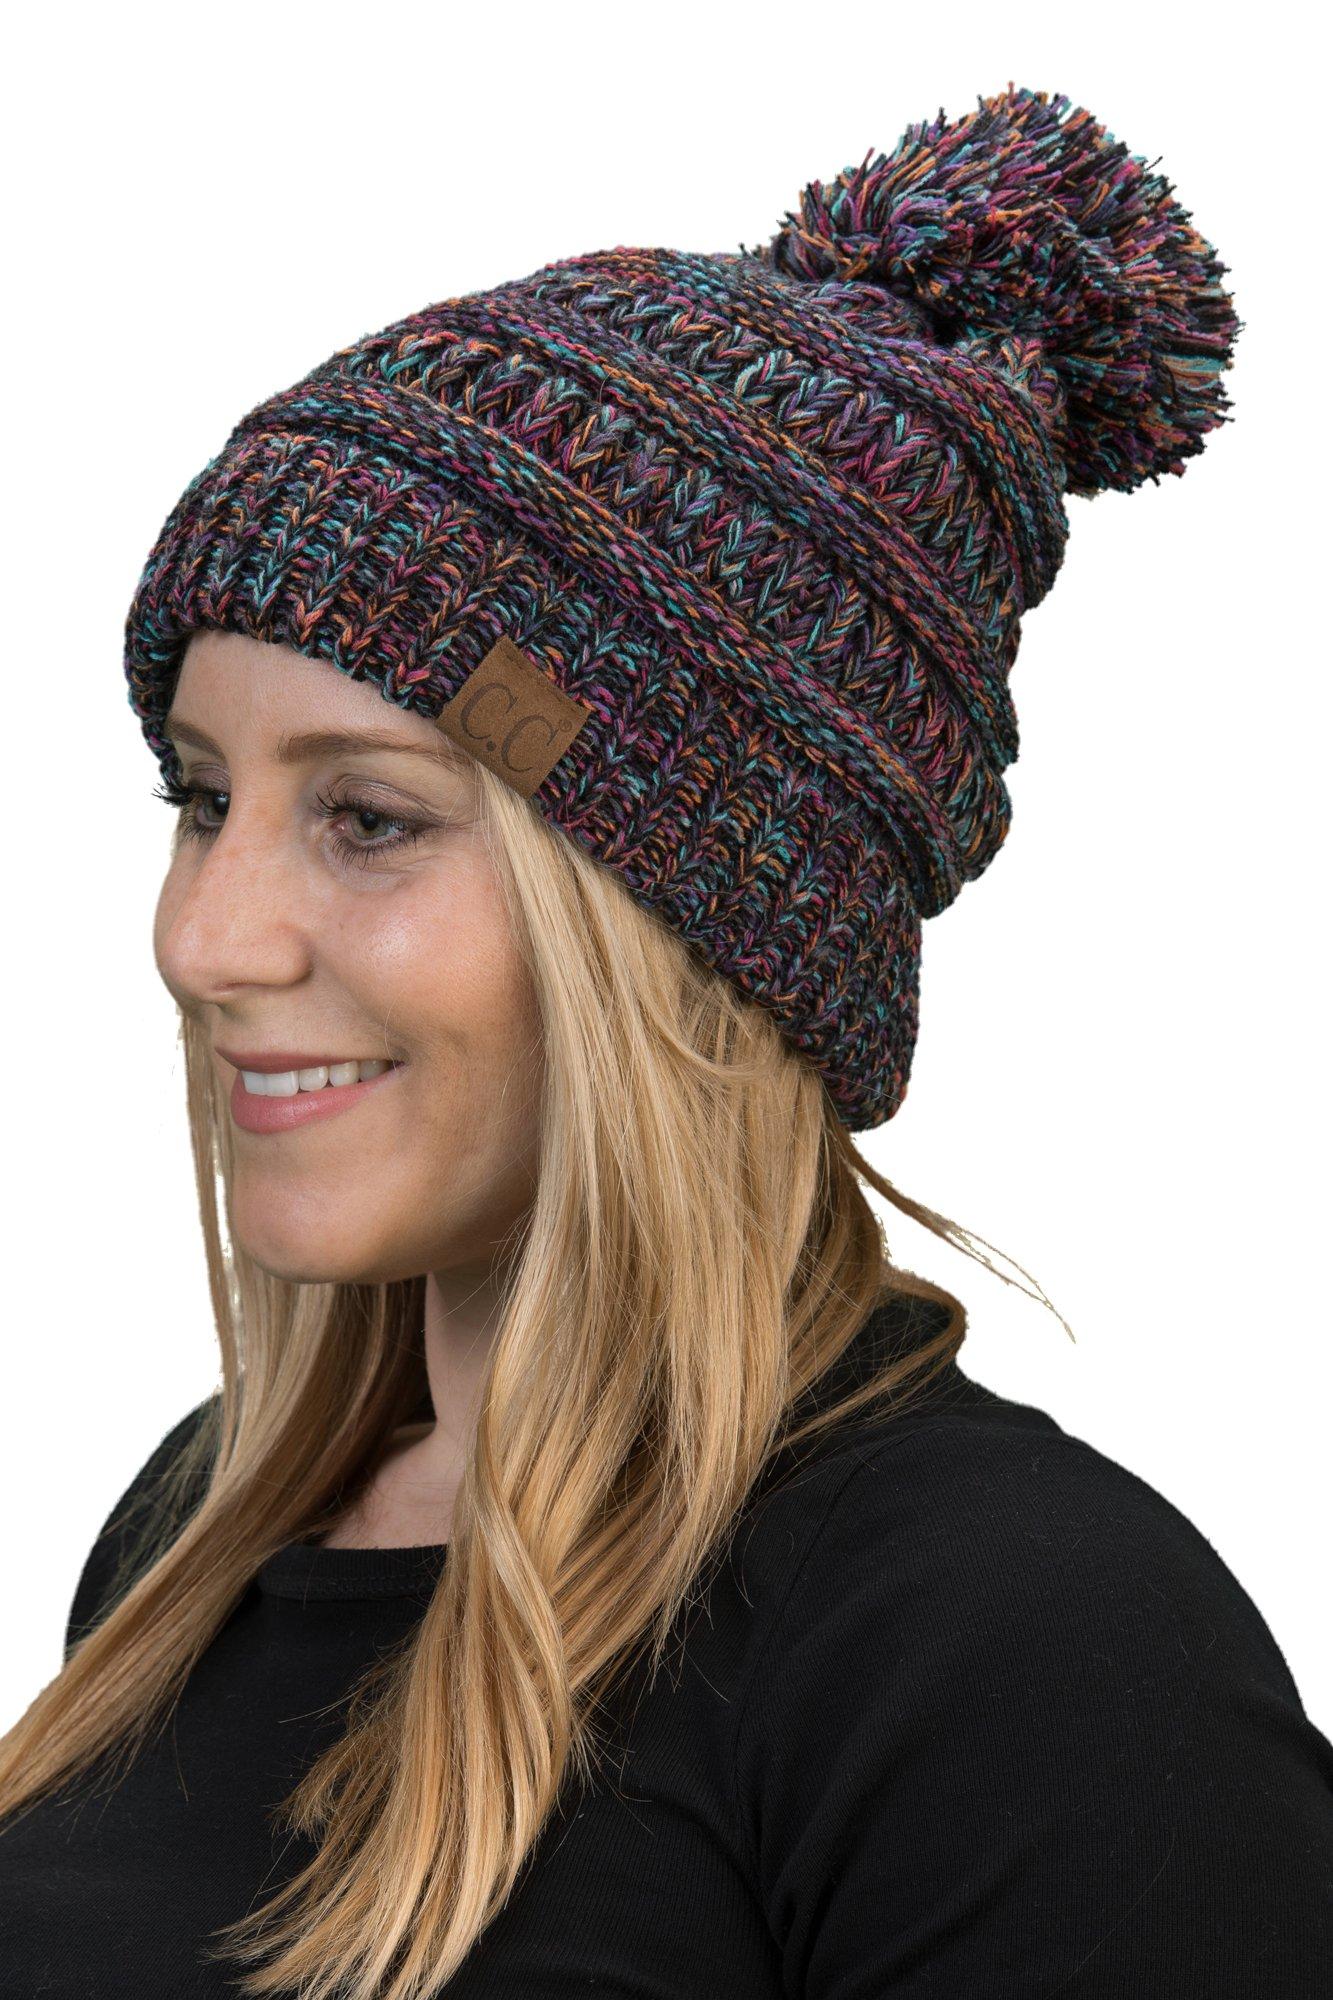 H-6800POM-816.0641 Womens Winter Hat Knit Beanie Pom - Kaleidoscope 4#32